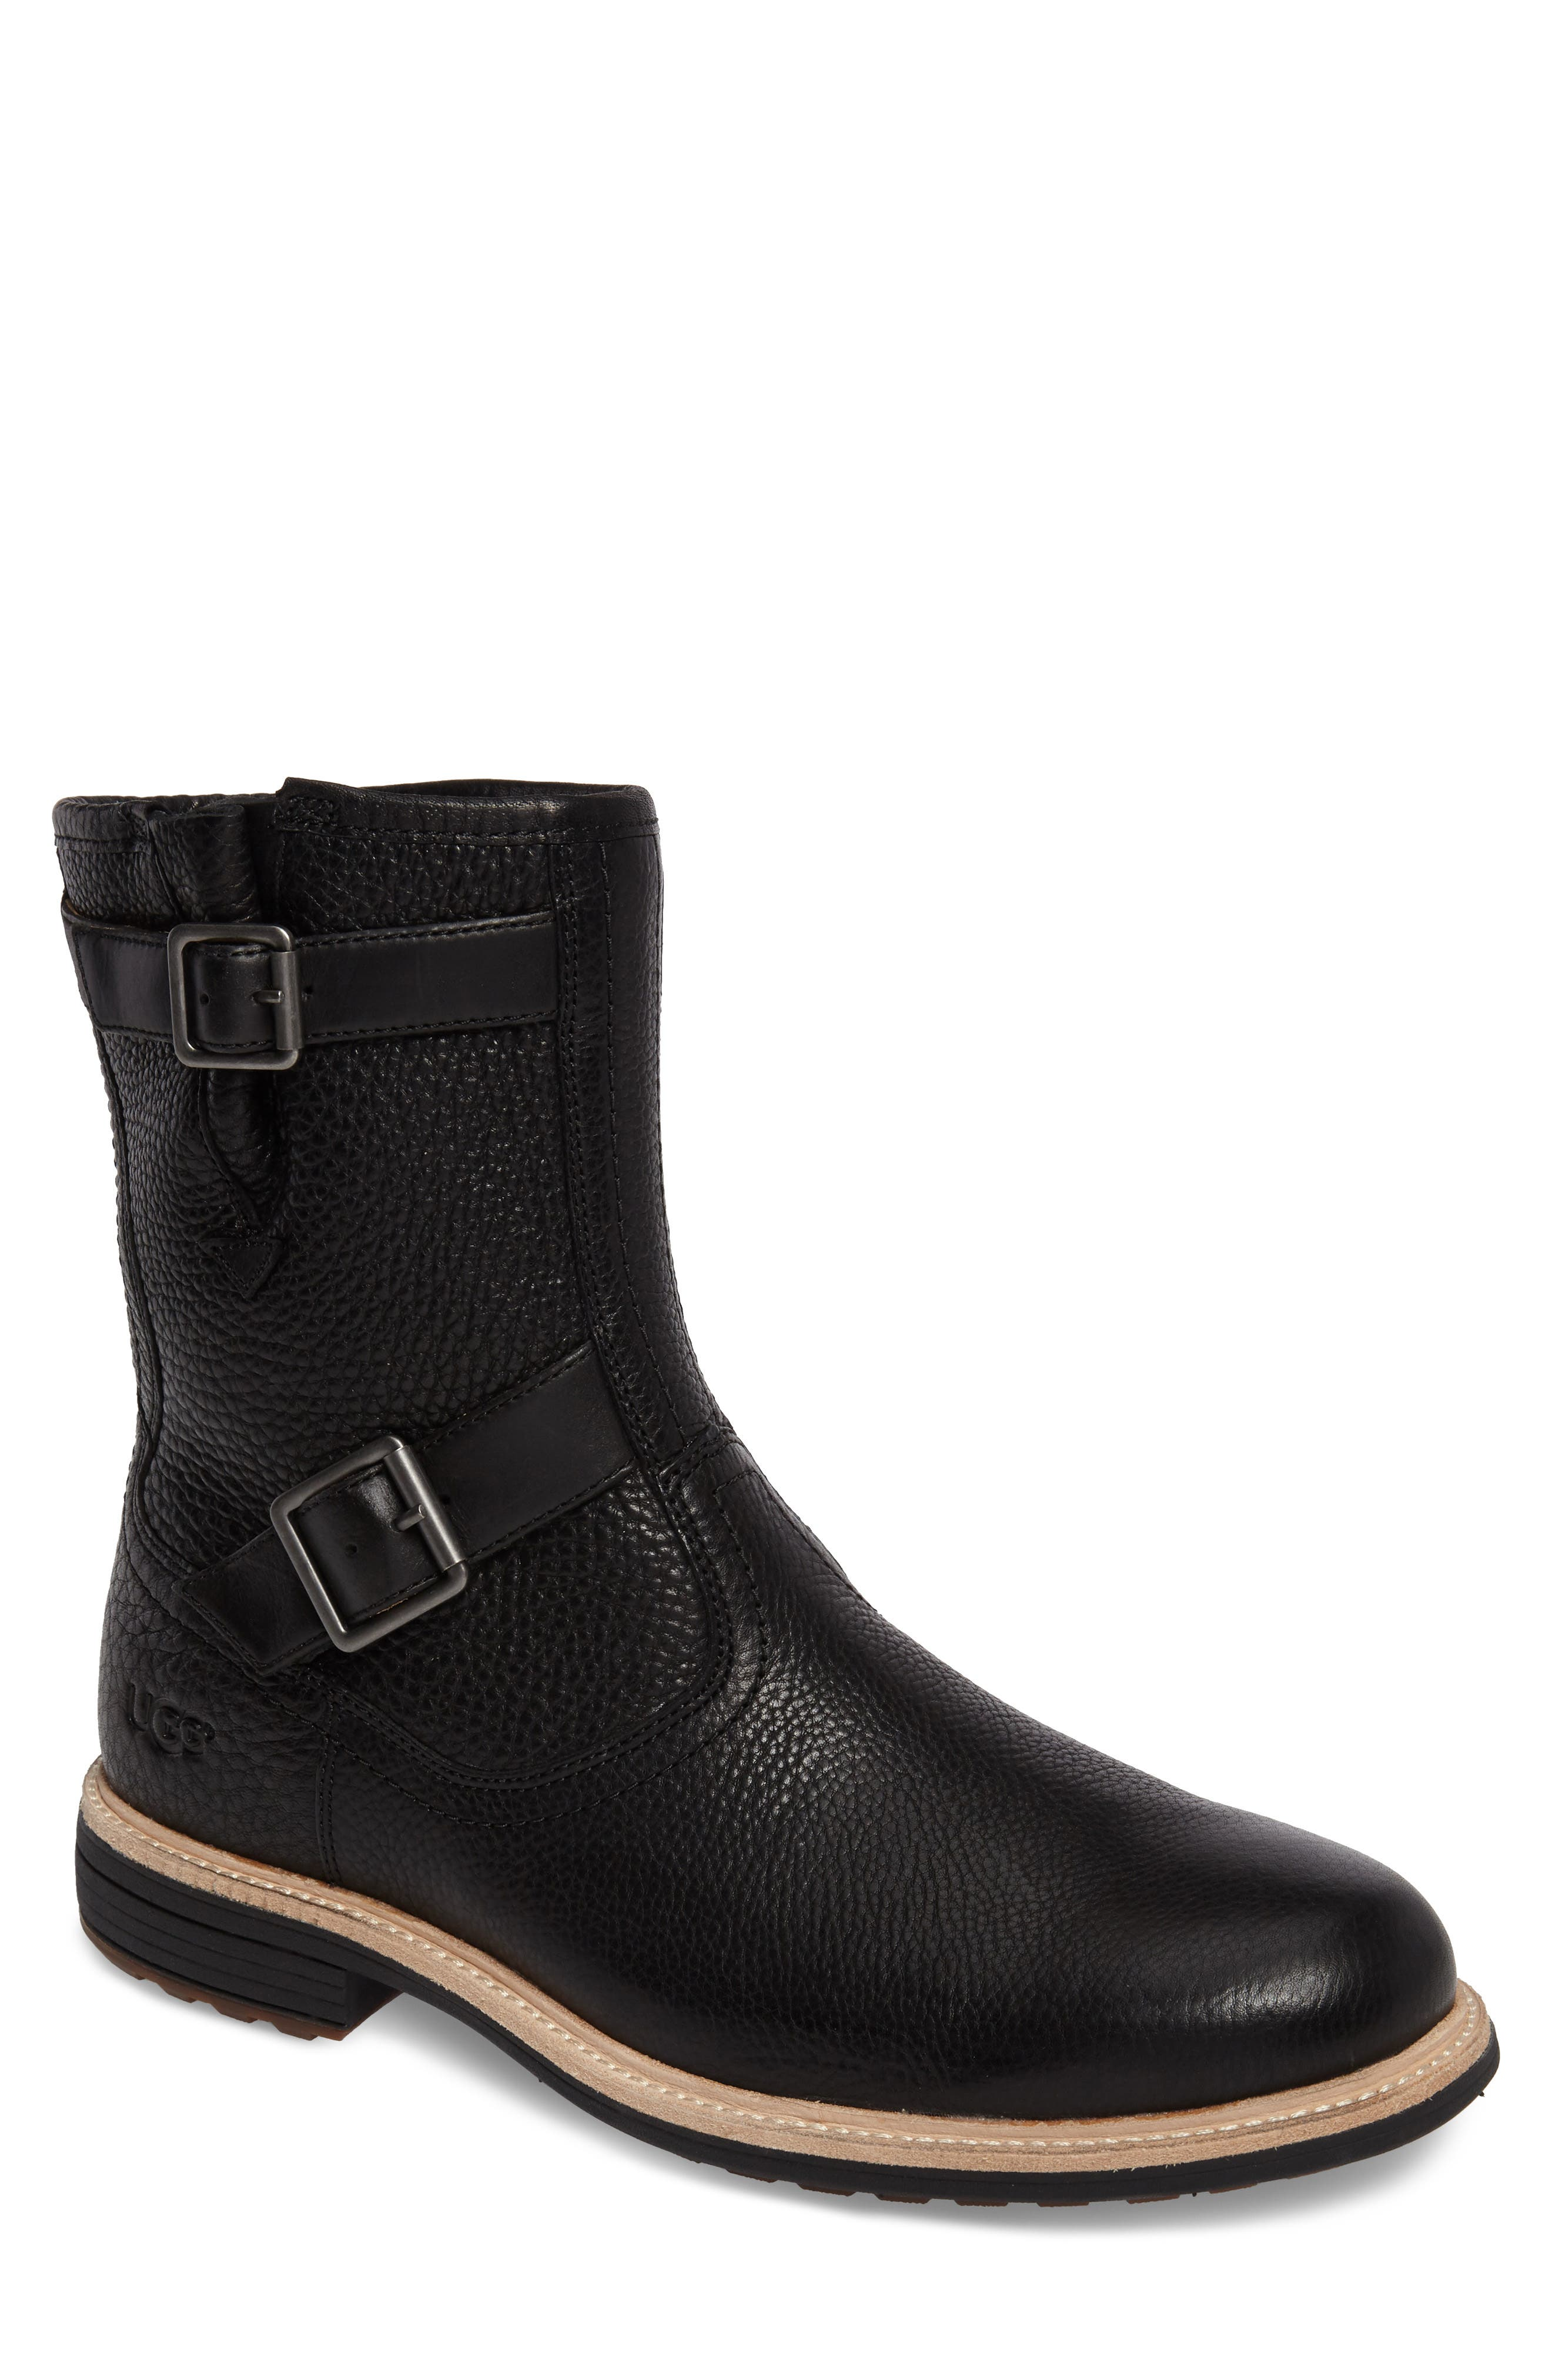 Jaren Zip Boot with Genuine Shearling,                             Main thumbnail 1, color,                             Black